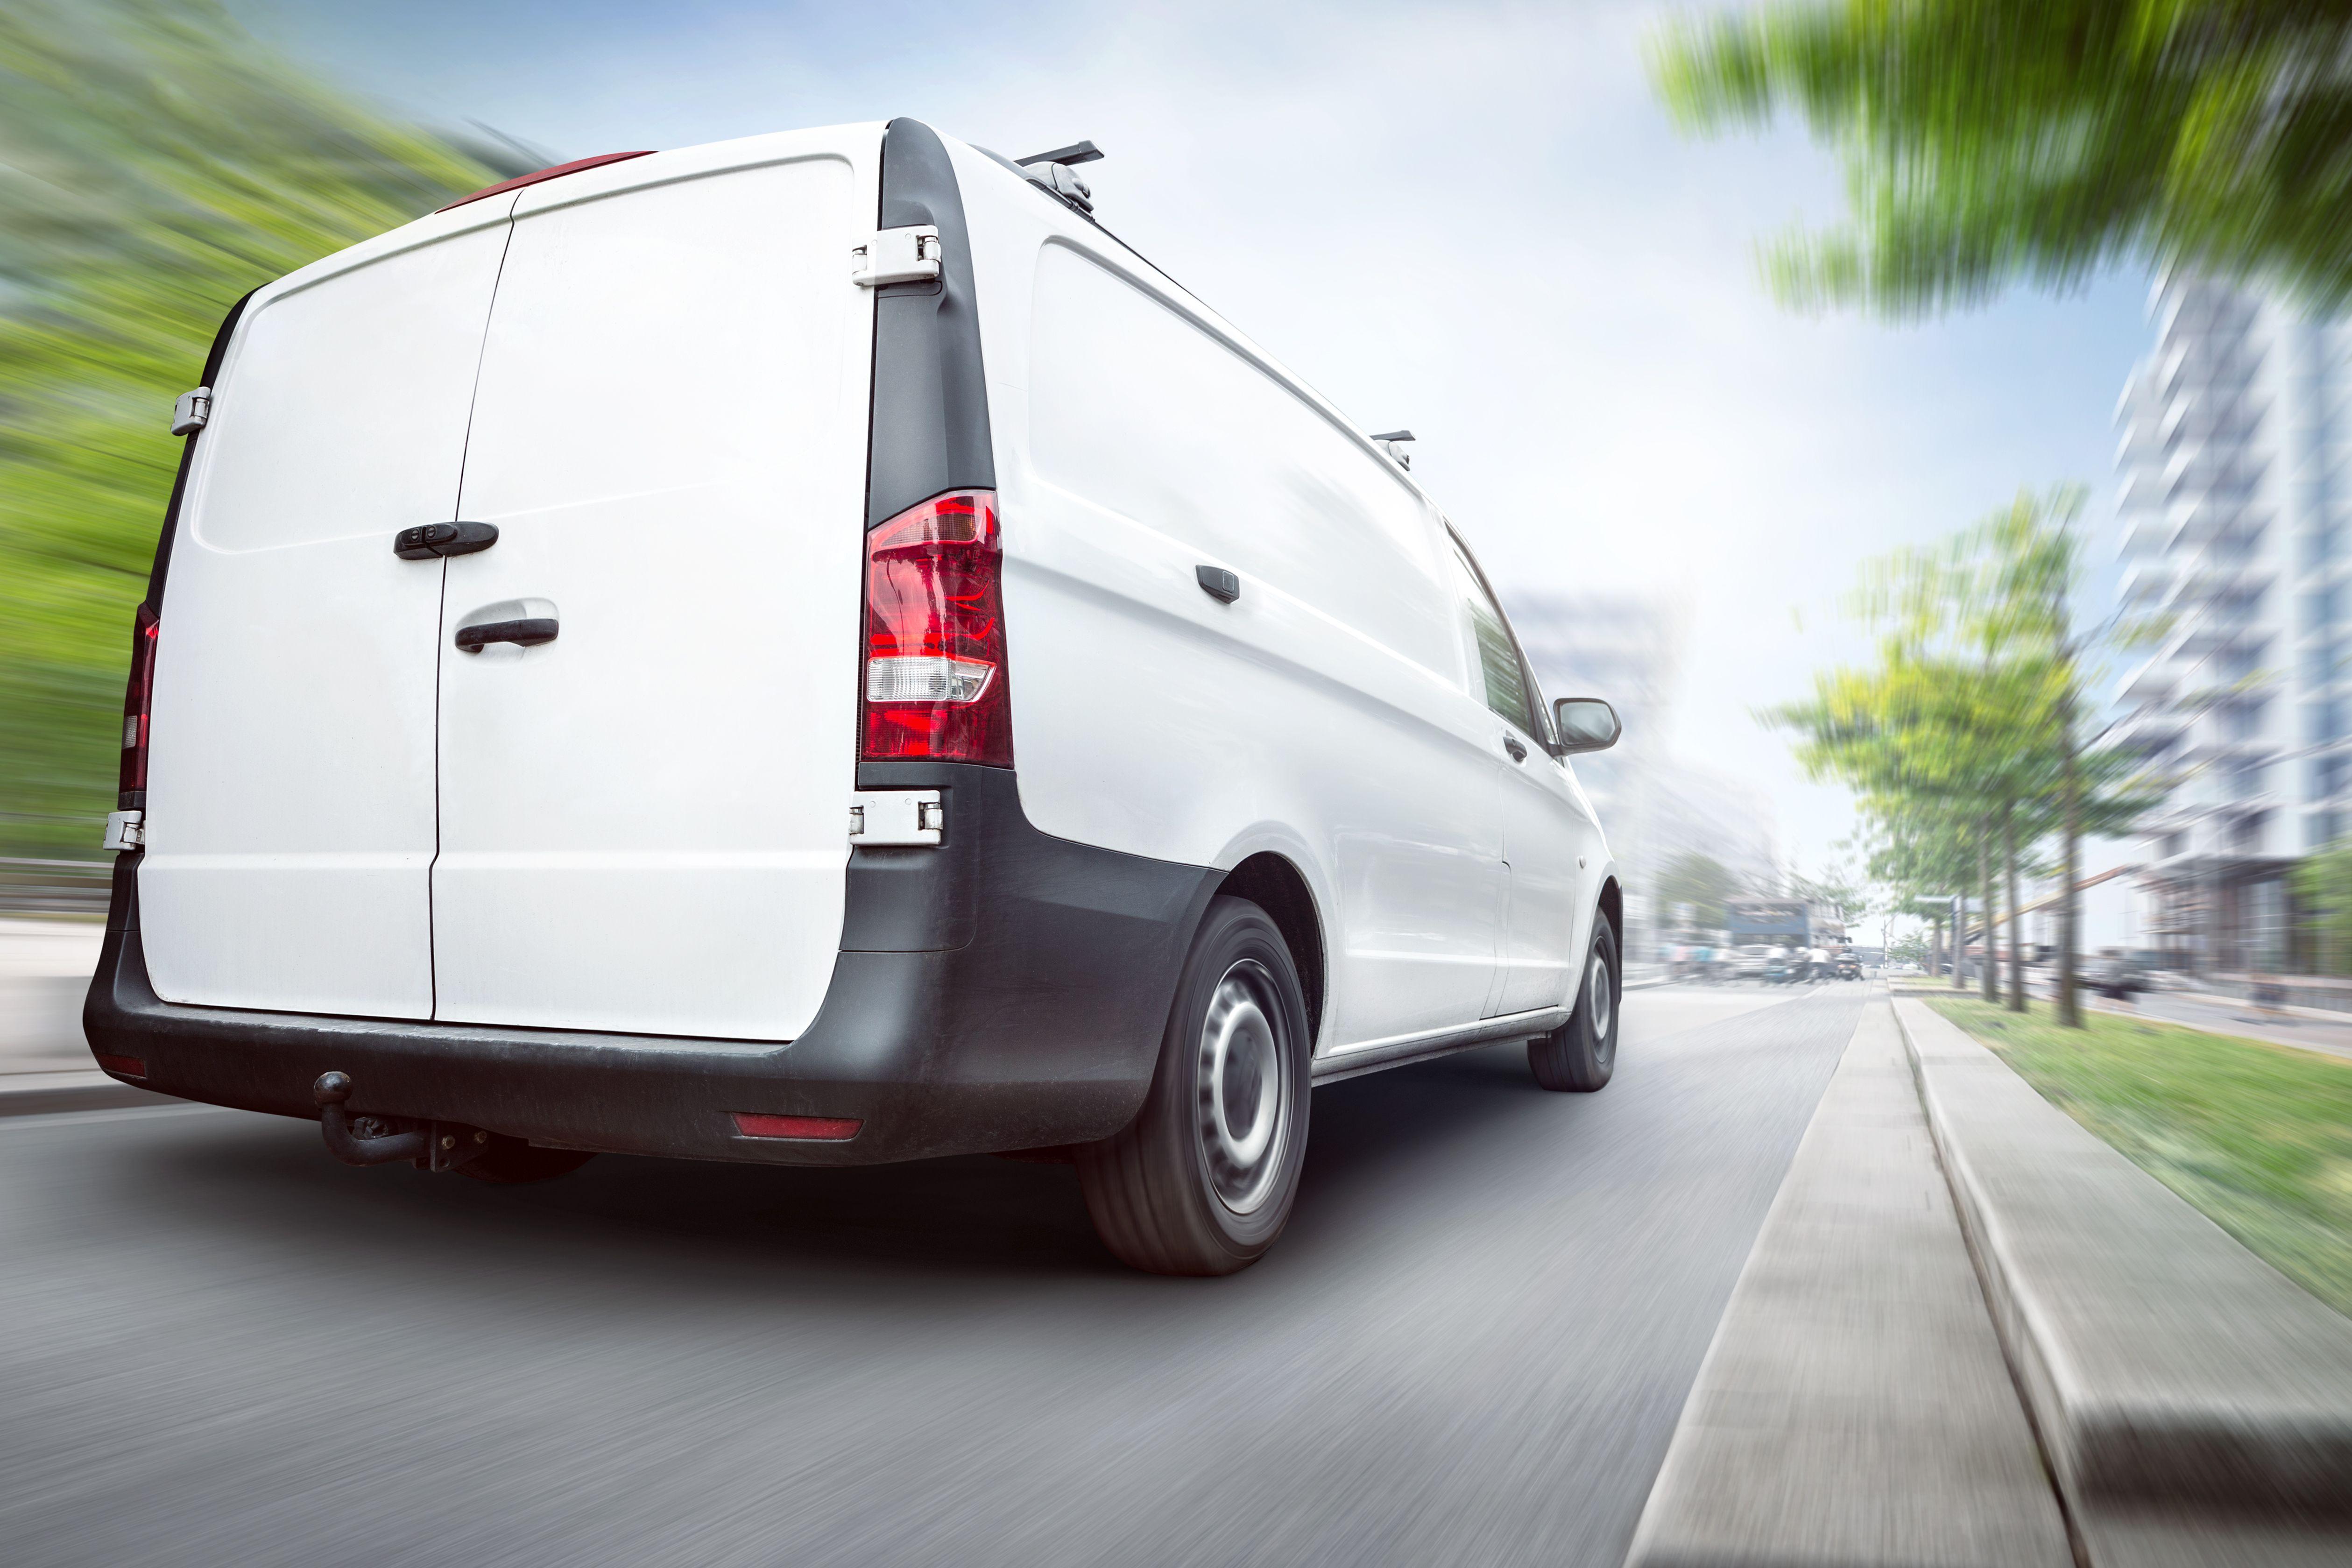 b8b43a8136 Top Selling Vans Of 2018